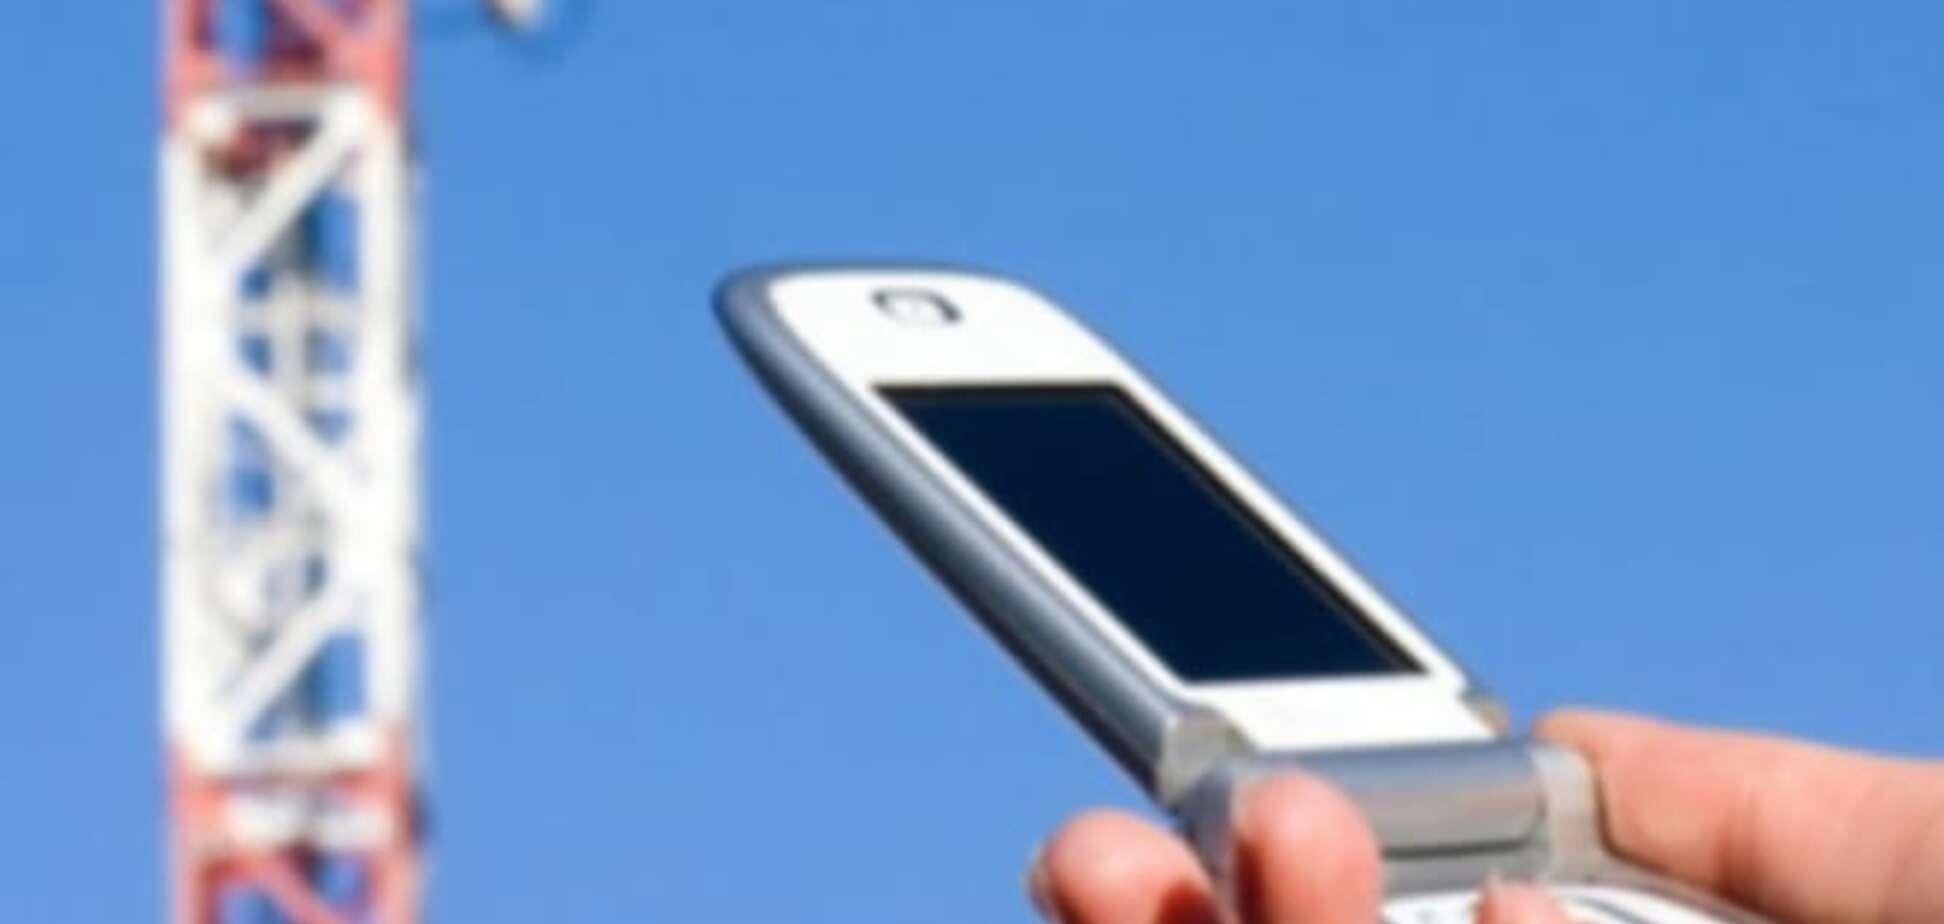 На Закарпатті пропав мобільний зв'язок від МТС